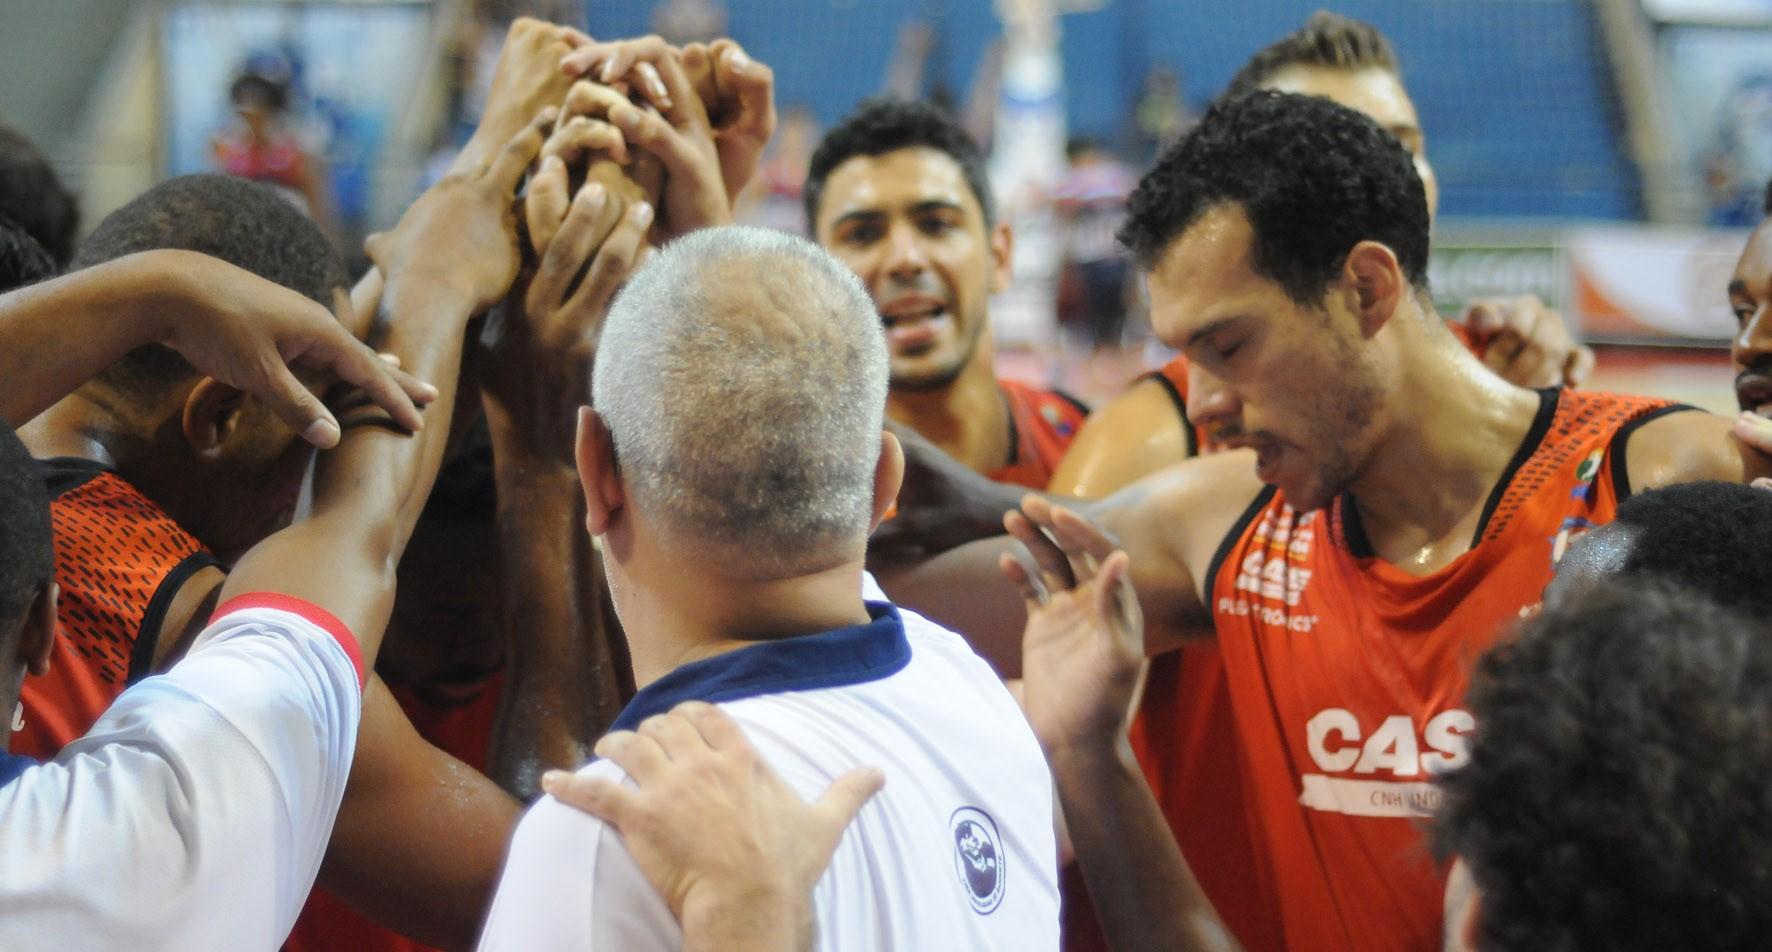 Com o resultado, os sorocabanos ficaram apenas uma vitória de saírem da zona de rebaixamento (Carolina Bertolli/Focalize)